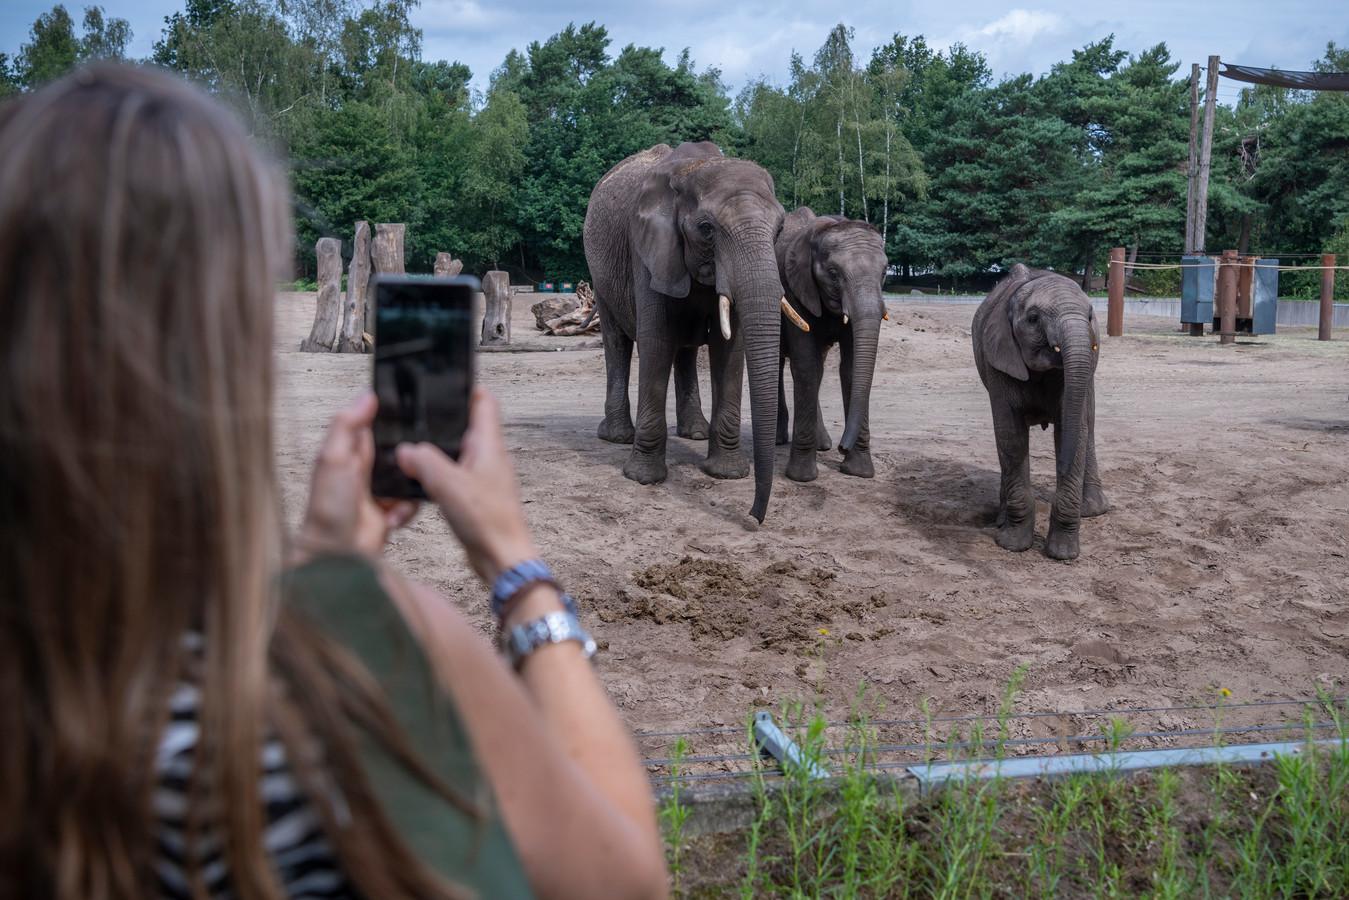 De olifanten van de Beekse Bergen hoeven geen 'olifantenpaadjes' te maken, hun soortgenoten in het wild doen het wel. Maar waarom?